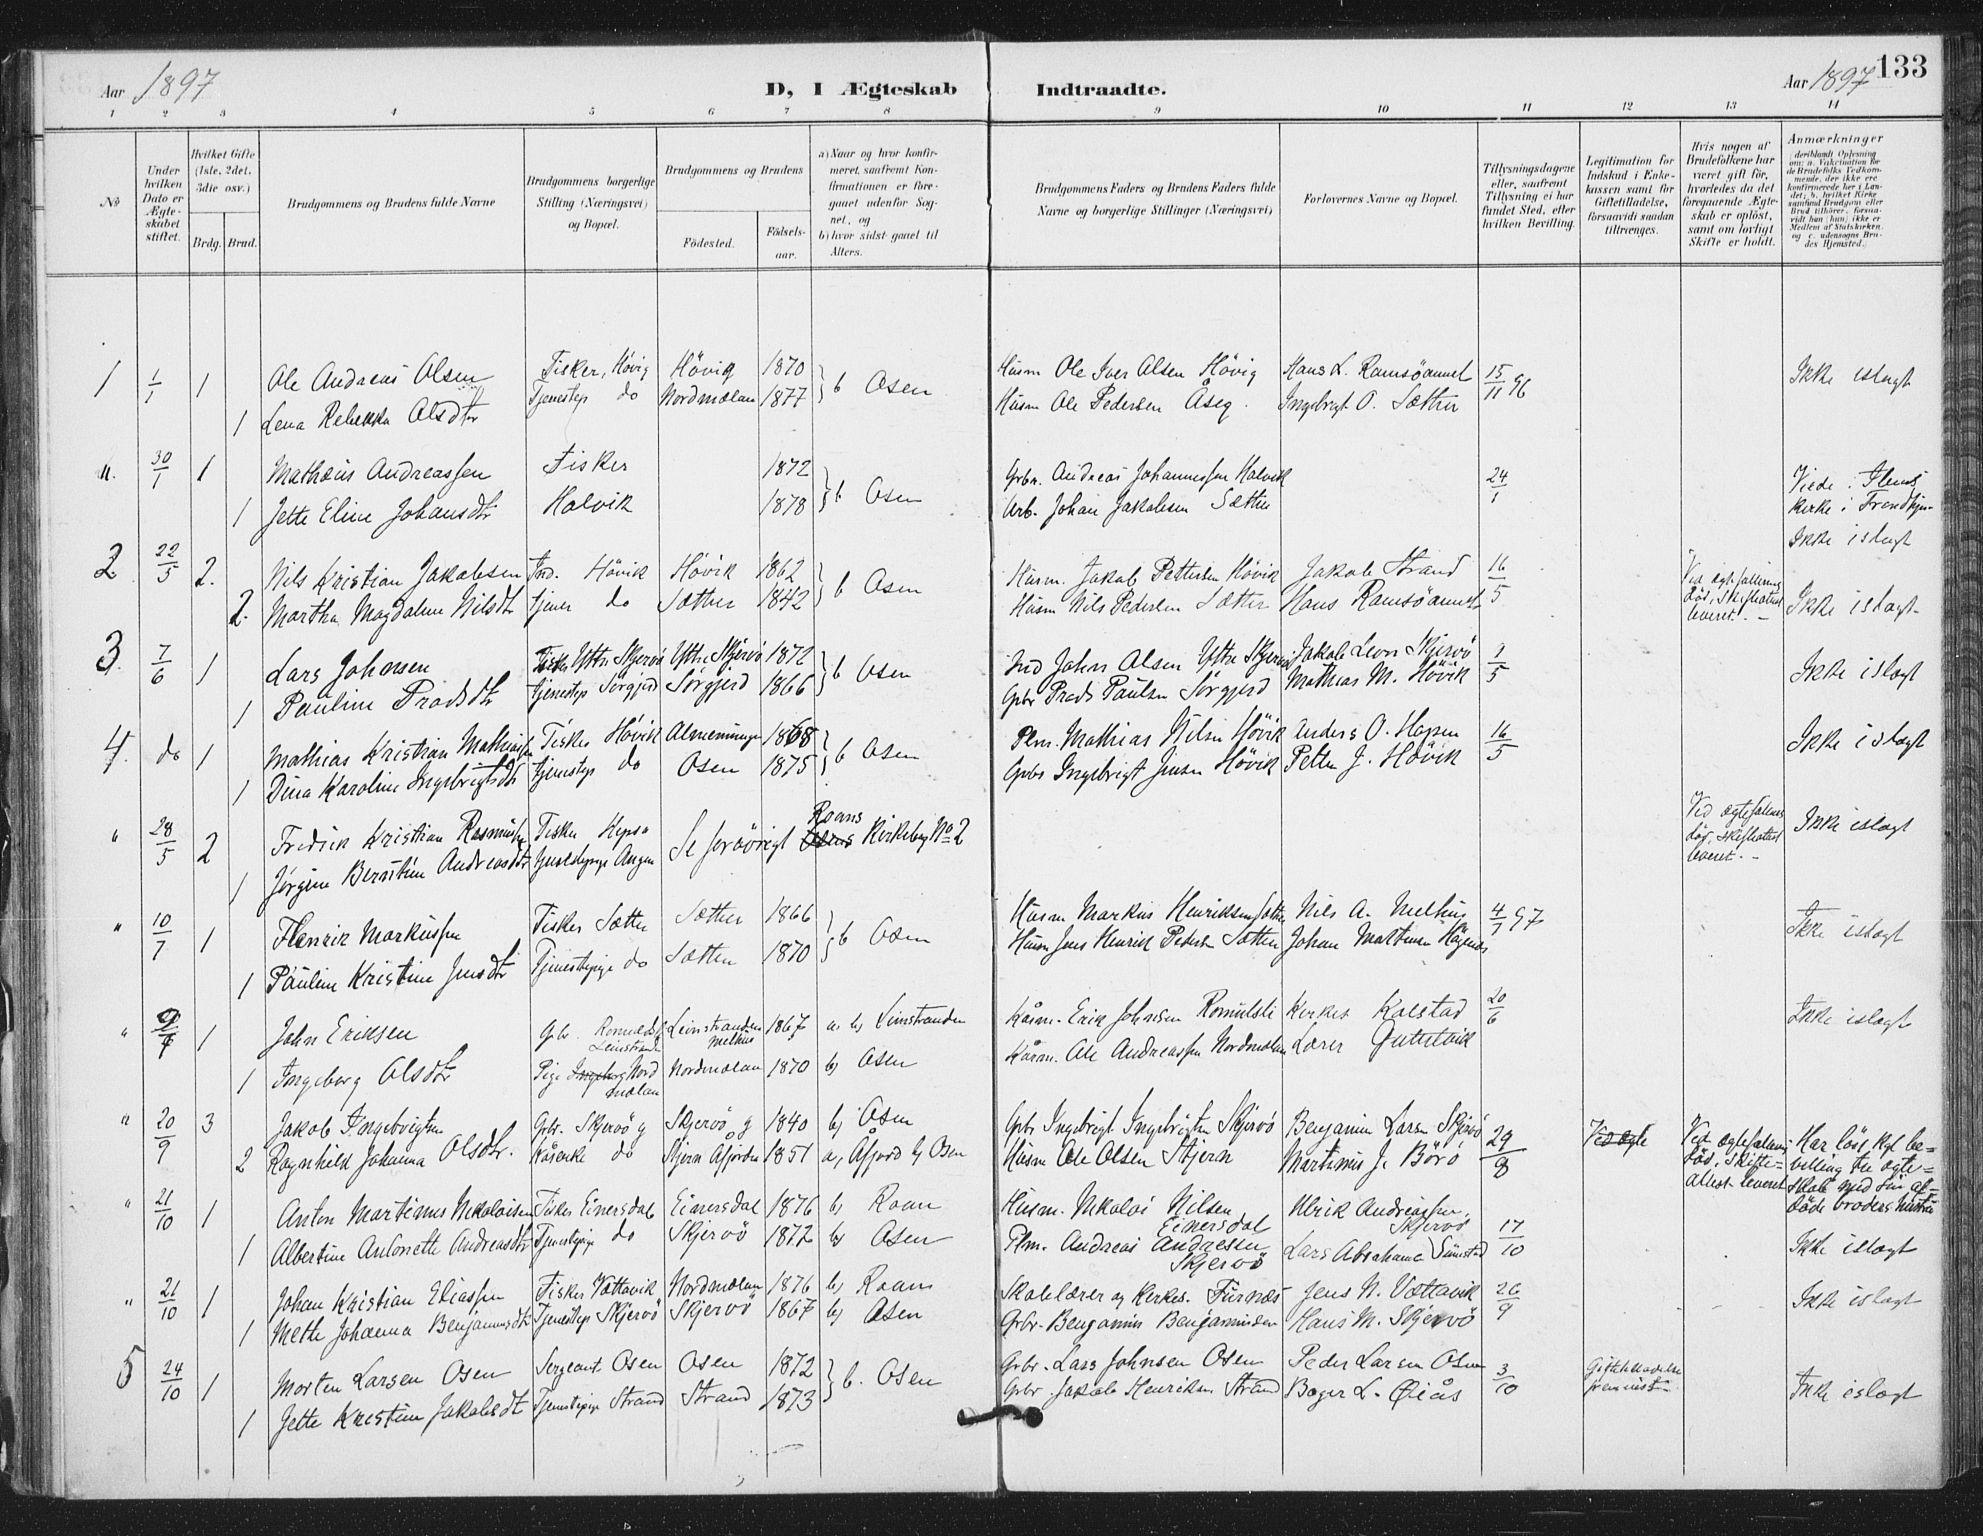 SAT, Ministerialprotokoller, klokkerbøker og fødselsregistre - Sør-Trøndelag, 658/L0723: Ministerialbok nr. 658A02, 1897-1912, s. 133